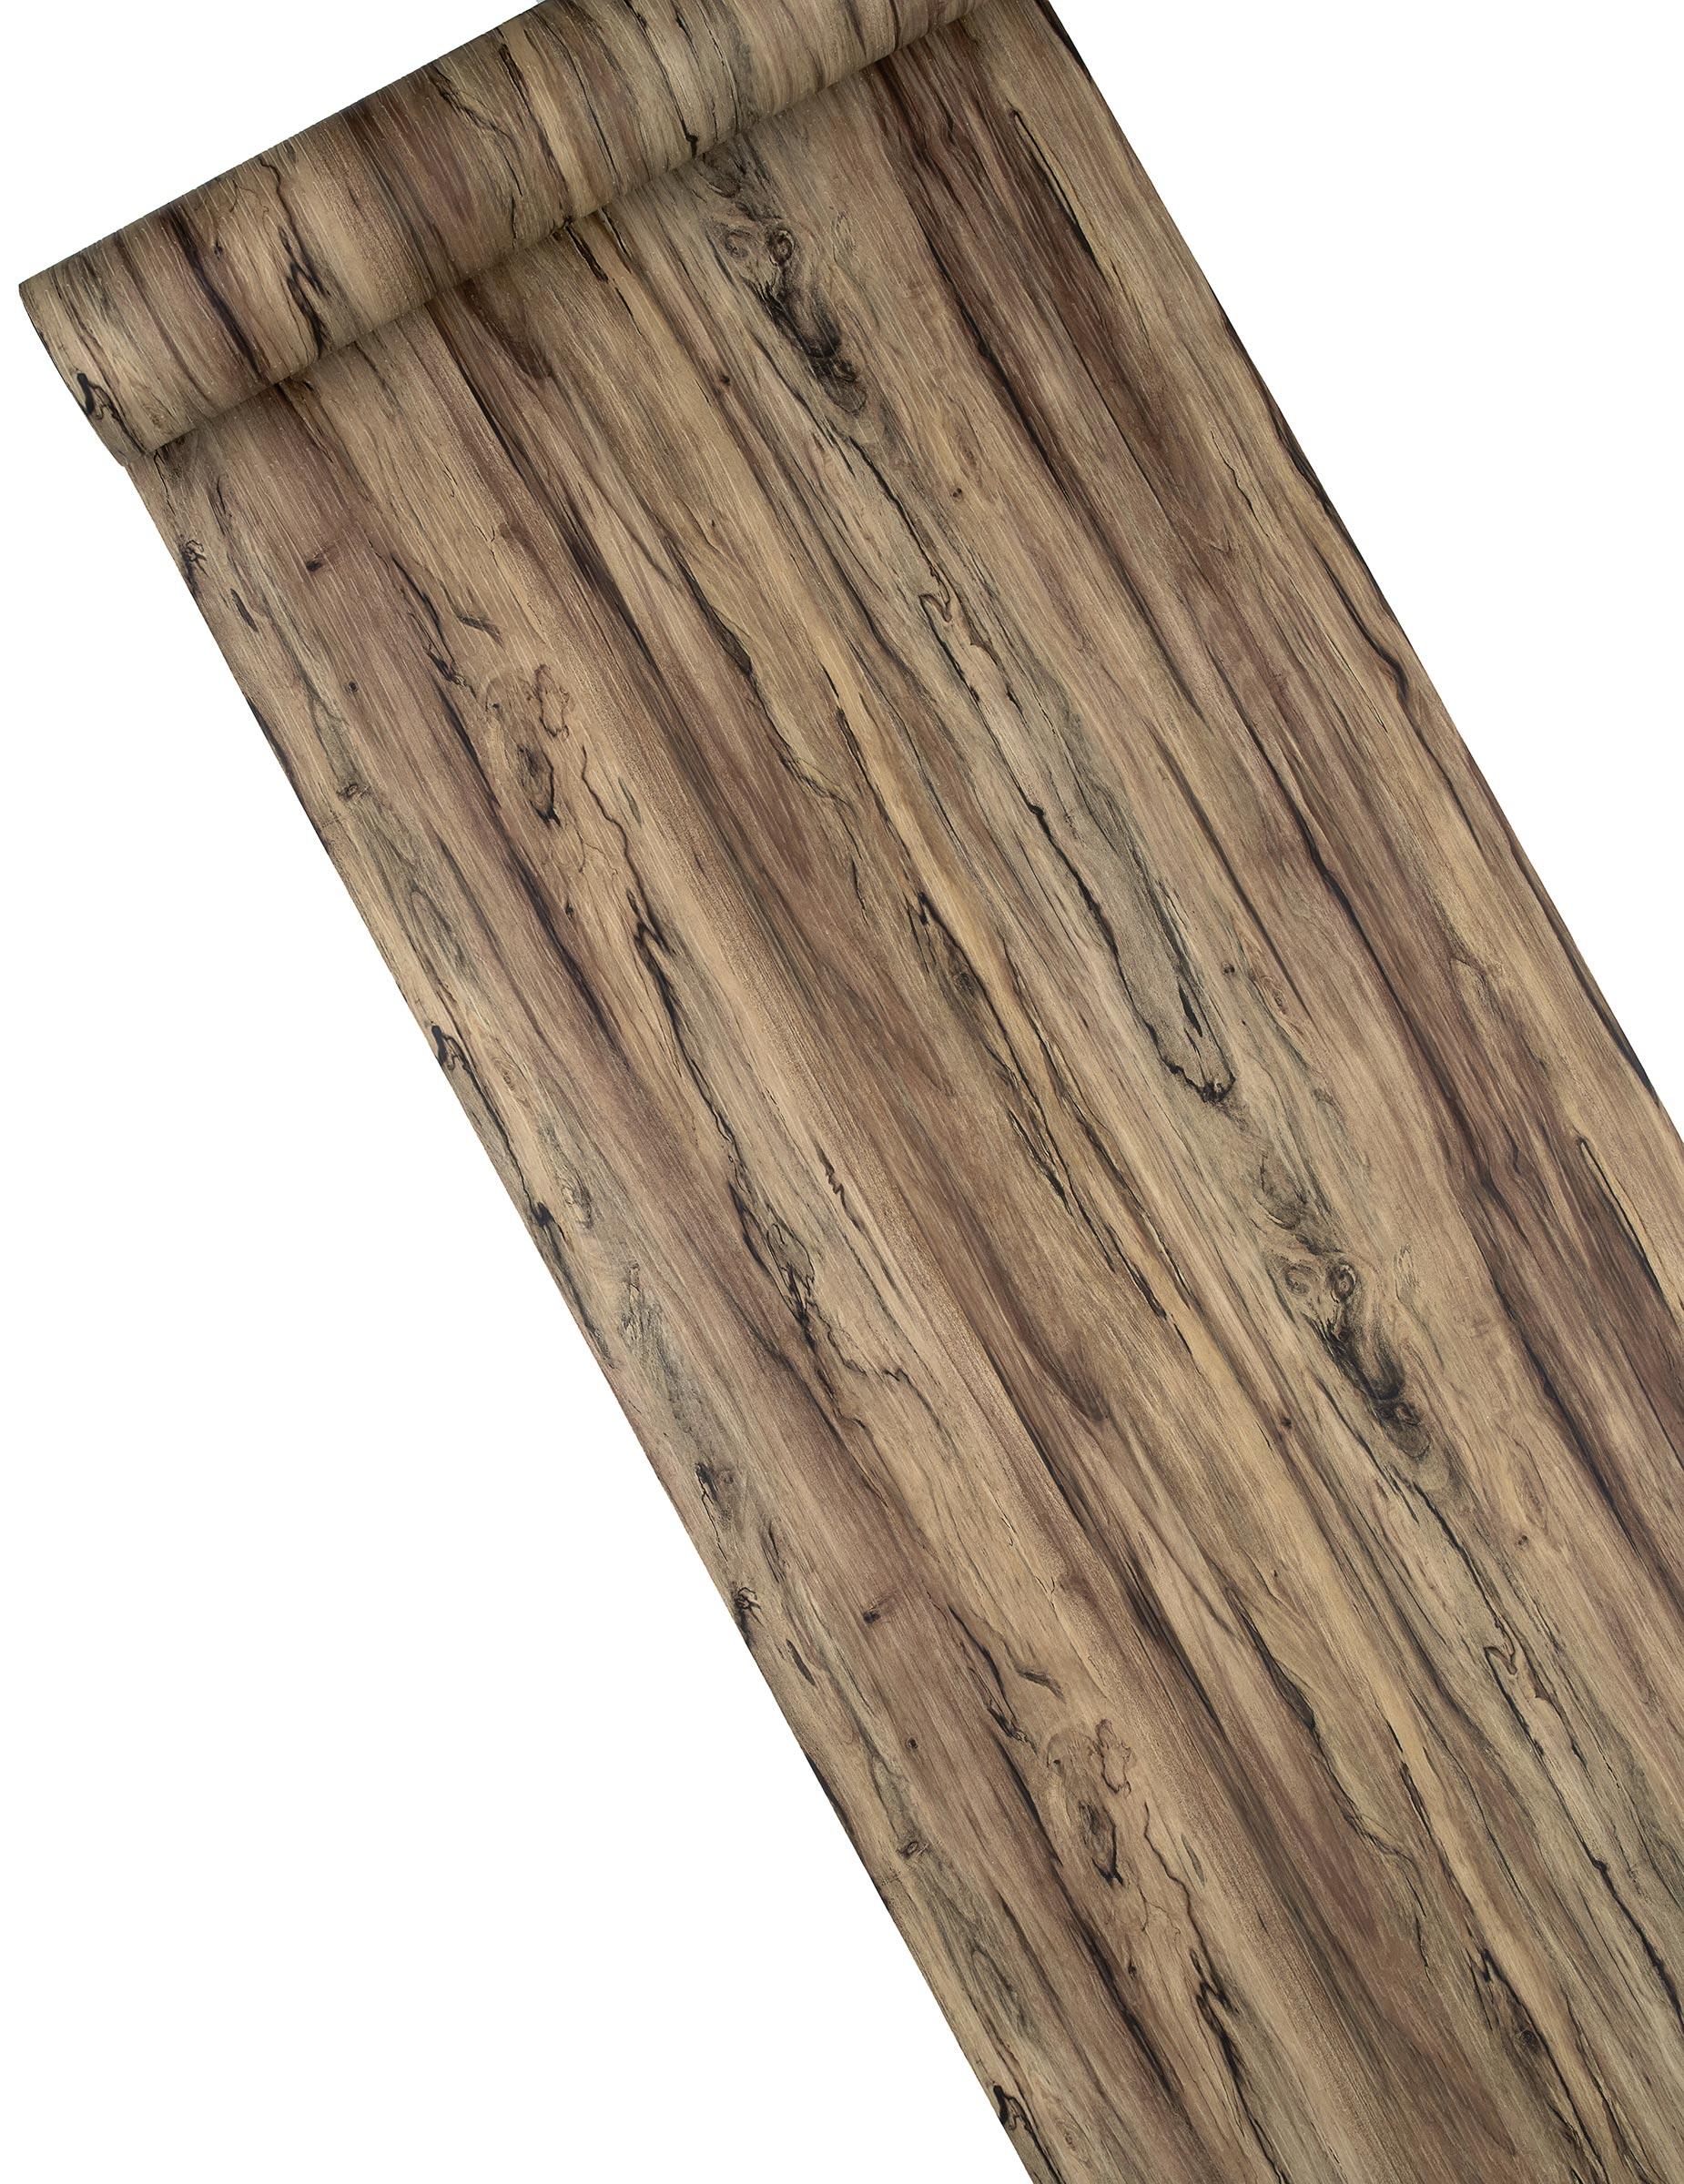 chemin de table bois 3 m tres d coration anniversaire et f tes th me sur vegaoo party. Black Bedroom Furniture Sets. Home Design Ideas